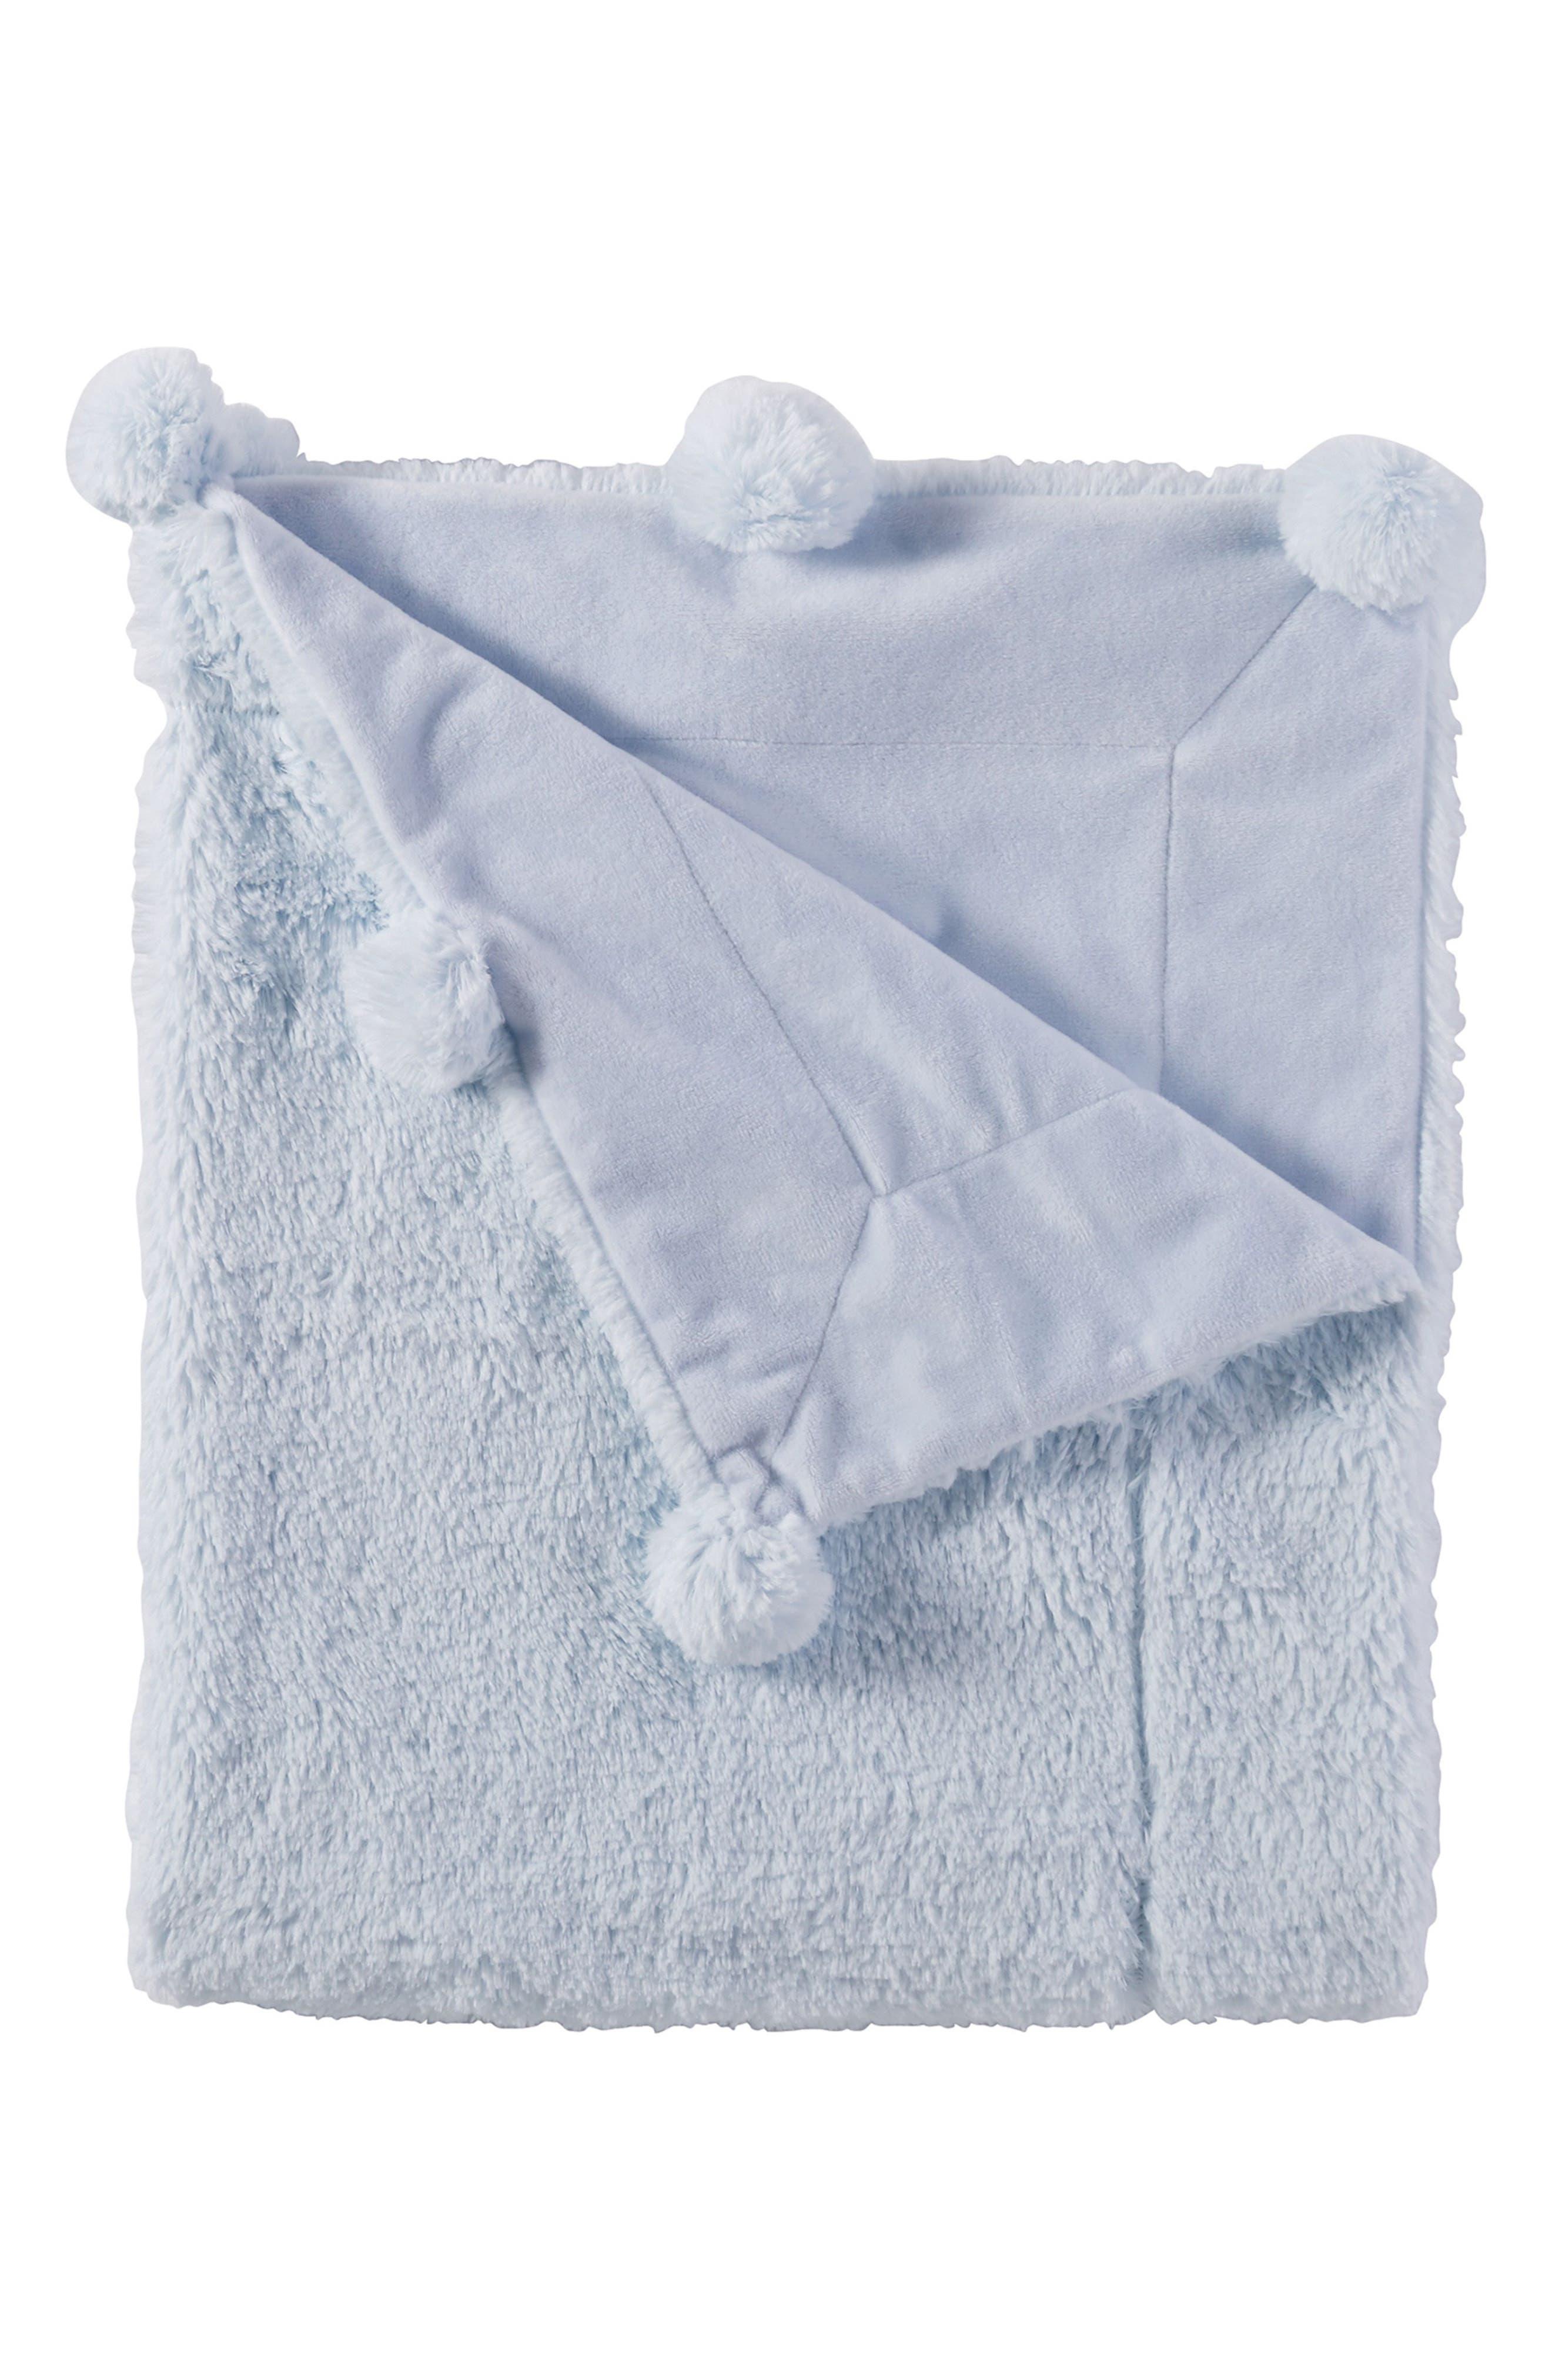 Pompom Receiving Blanket,                         Main,                         color, 400